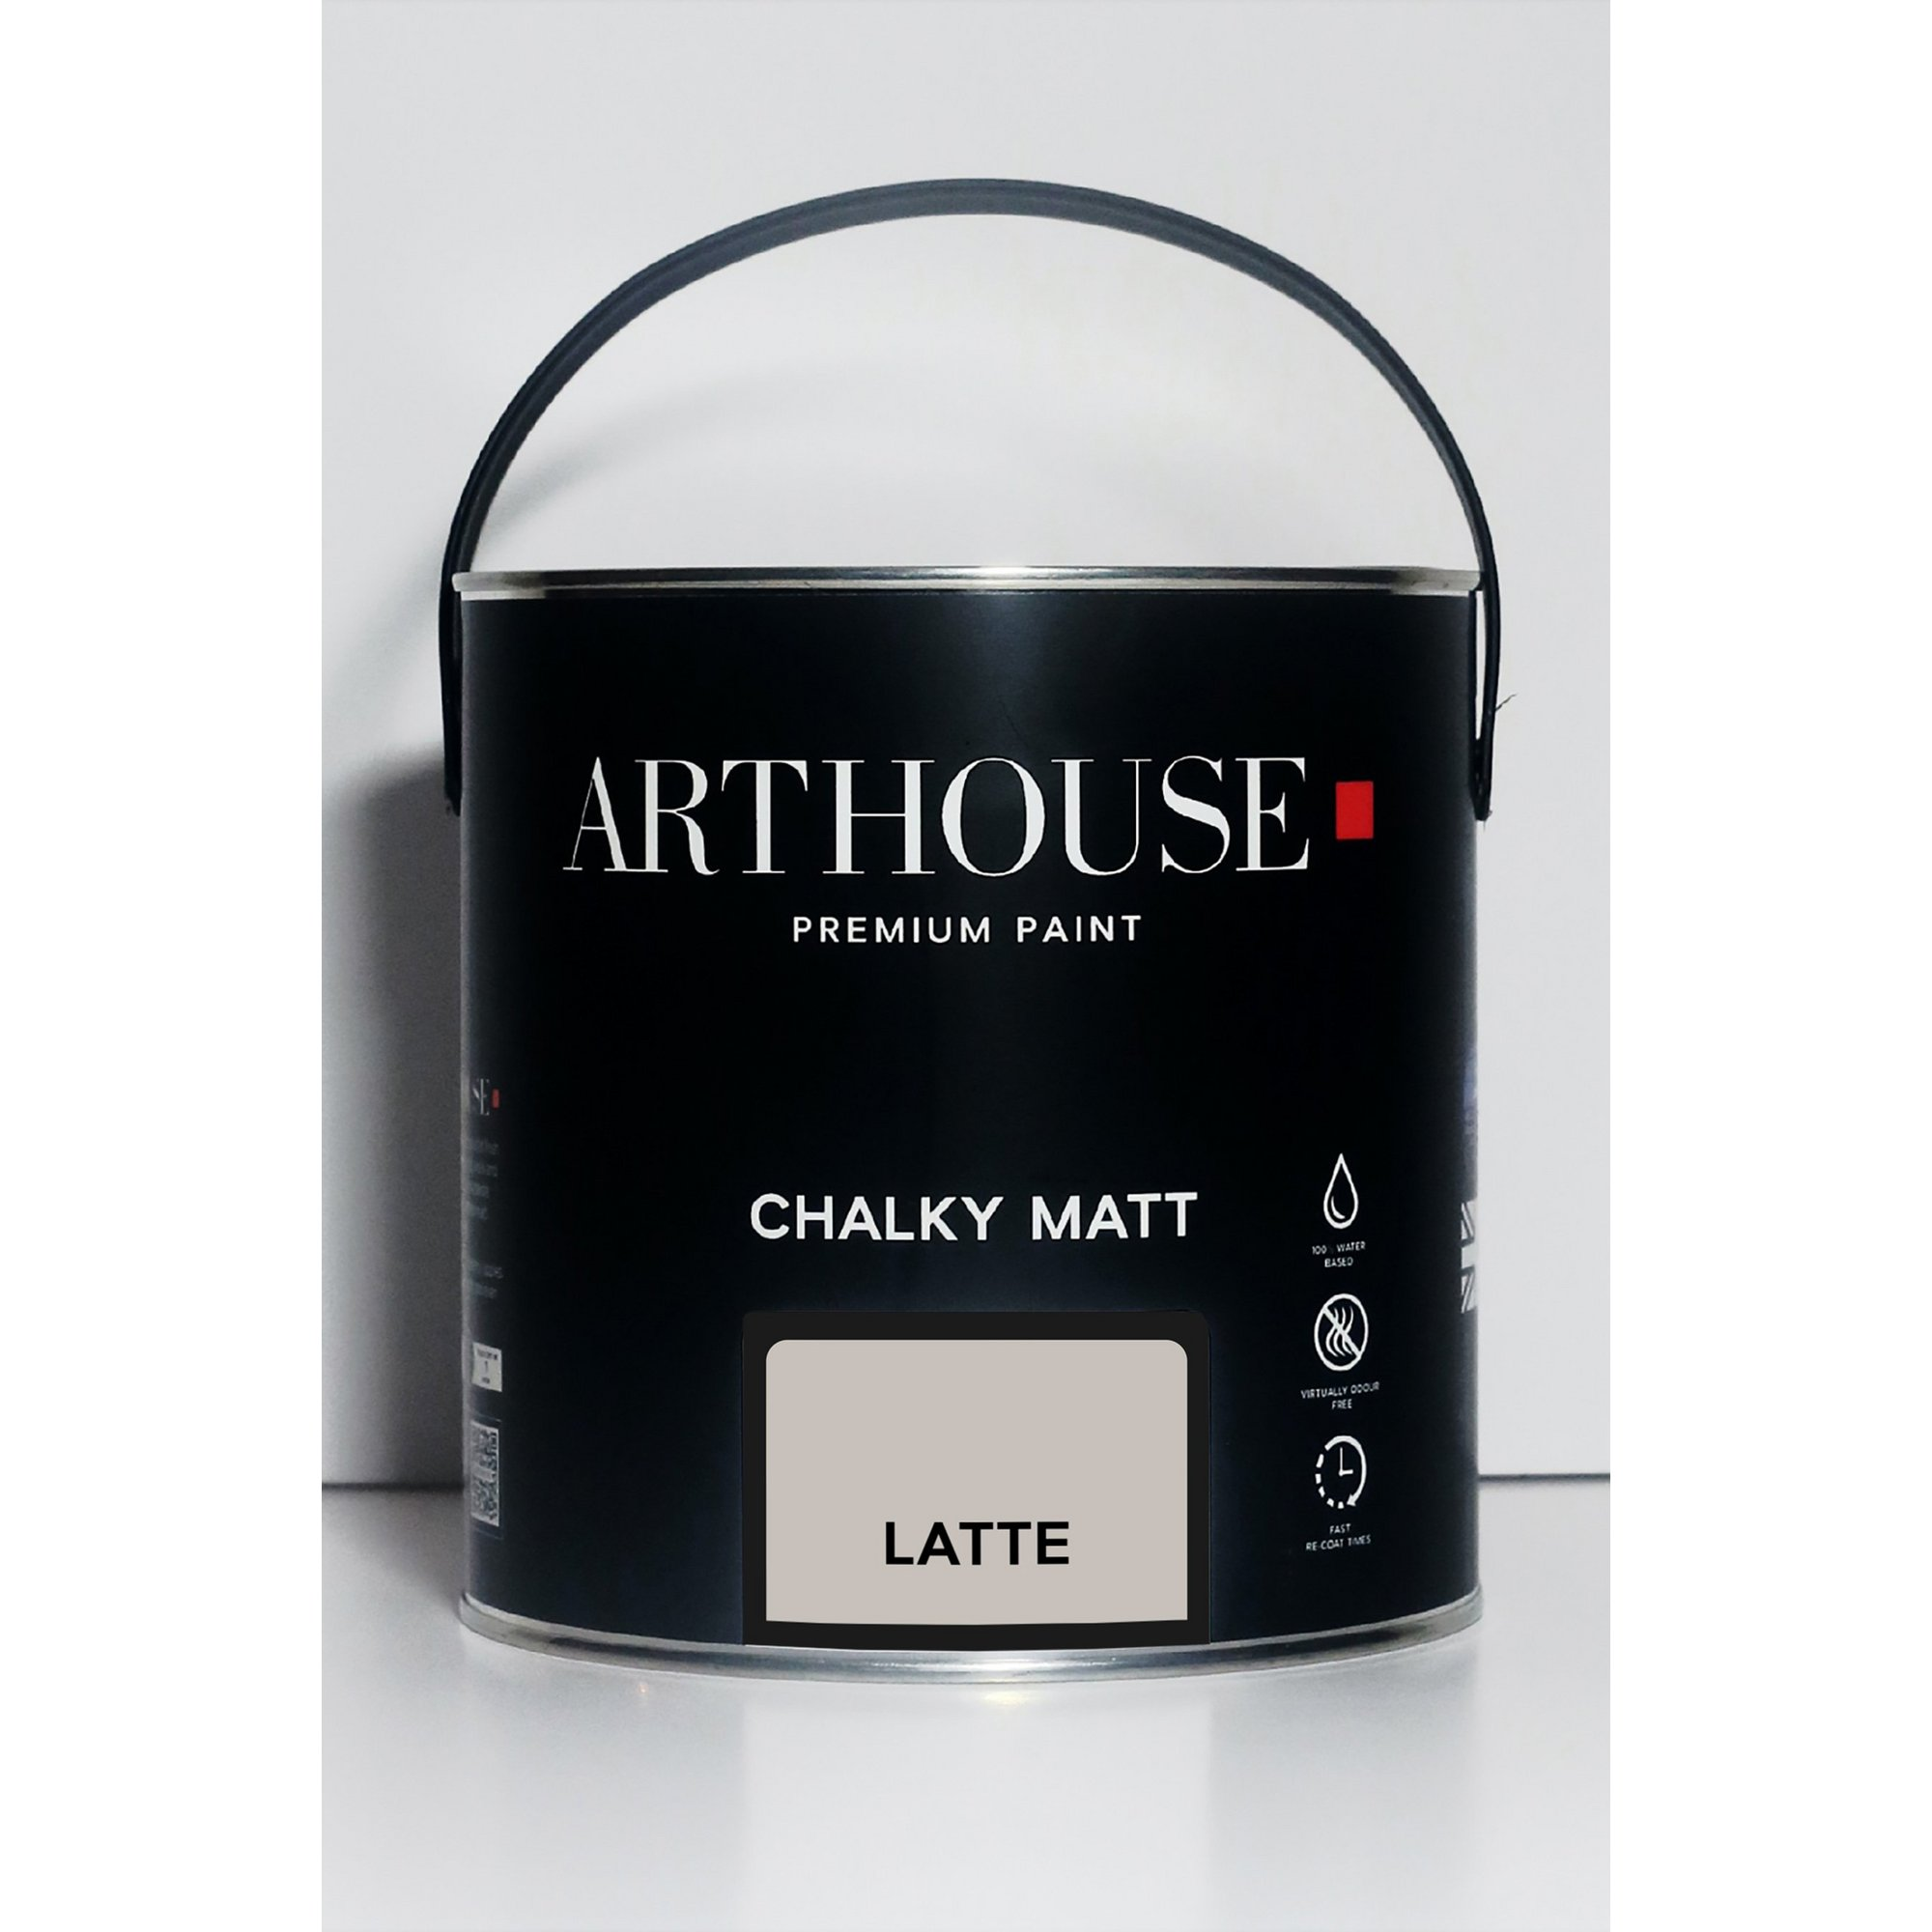 Image of Chalky Matt Latte Emulsion Paint